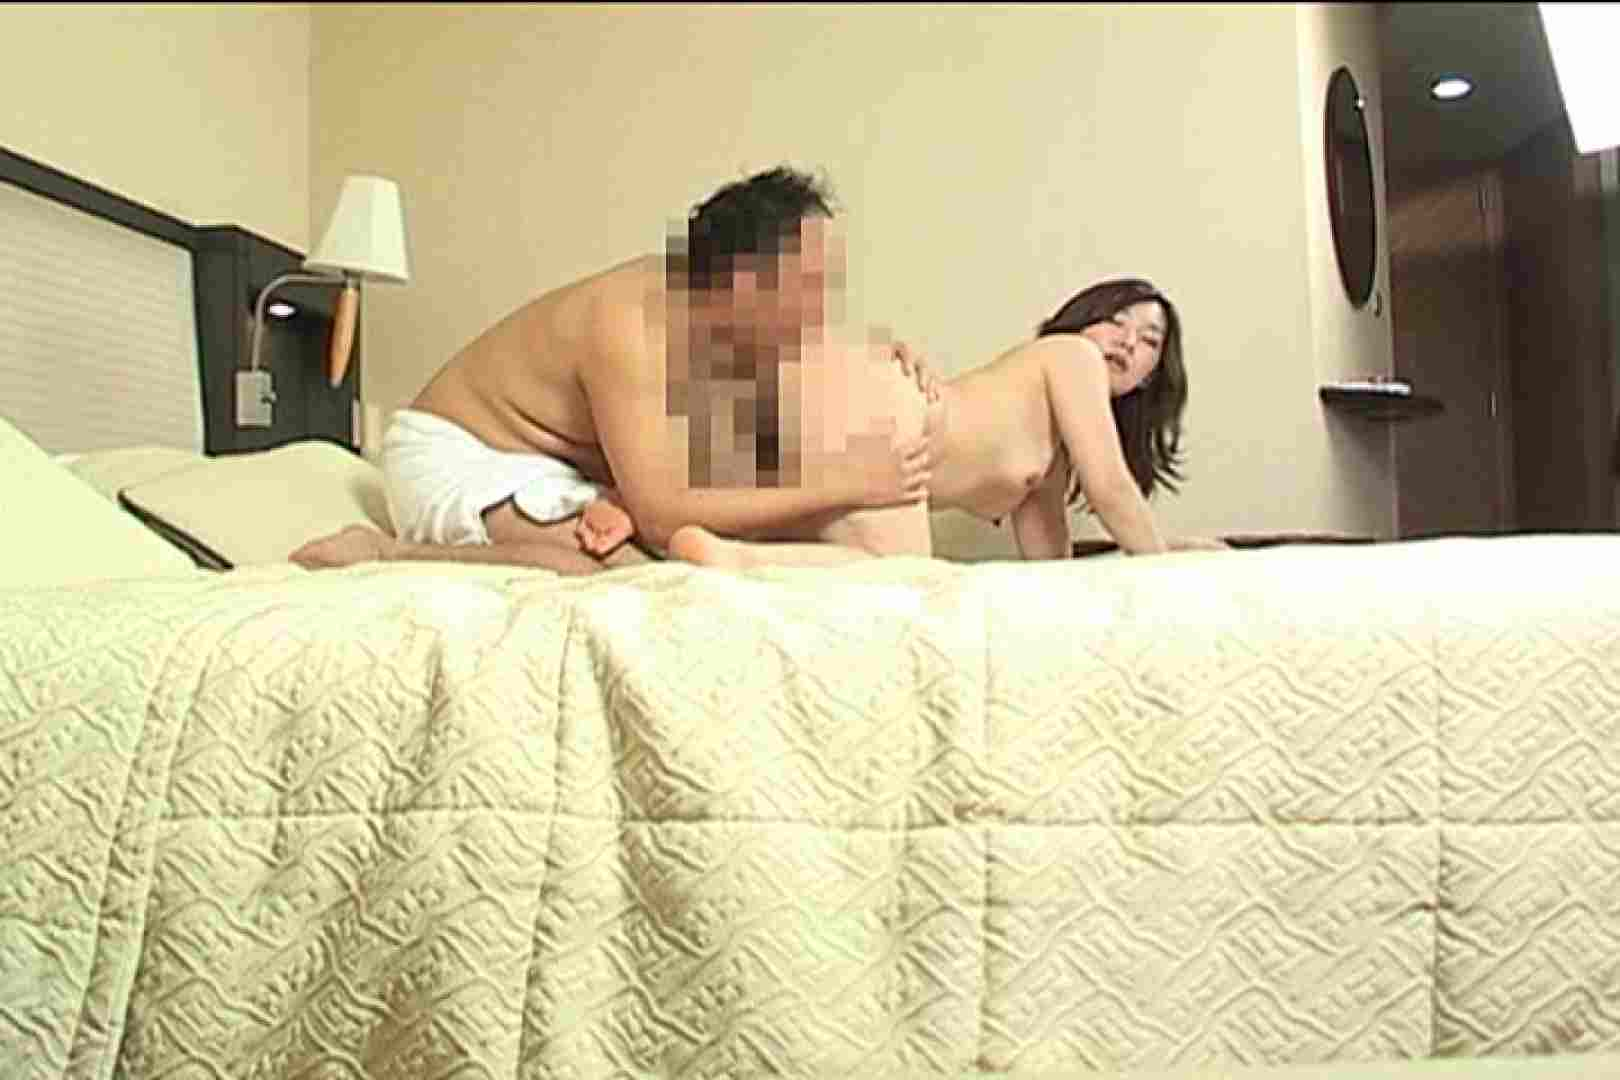 さすらいデリバリーVol.5 美しいOLの裸体 | マンコ・ムレムレ  87pic 52